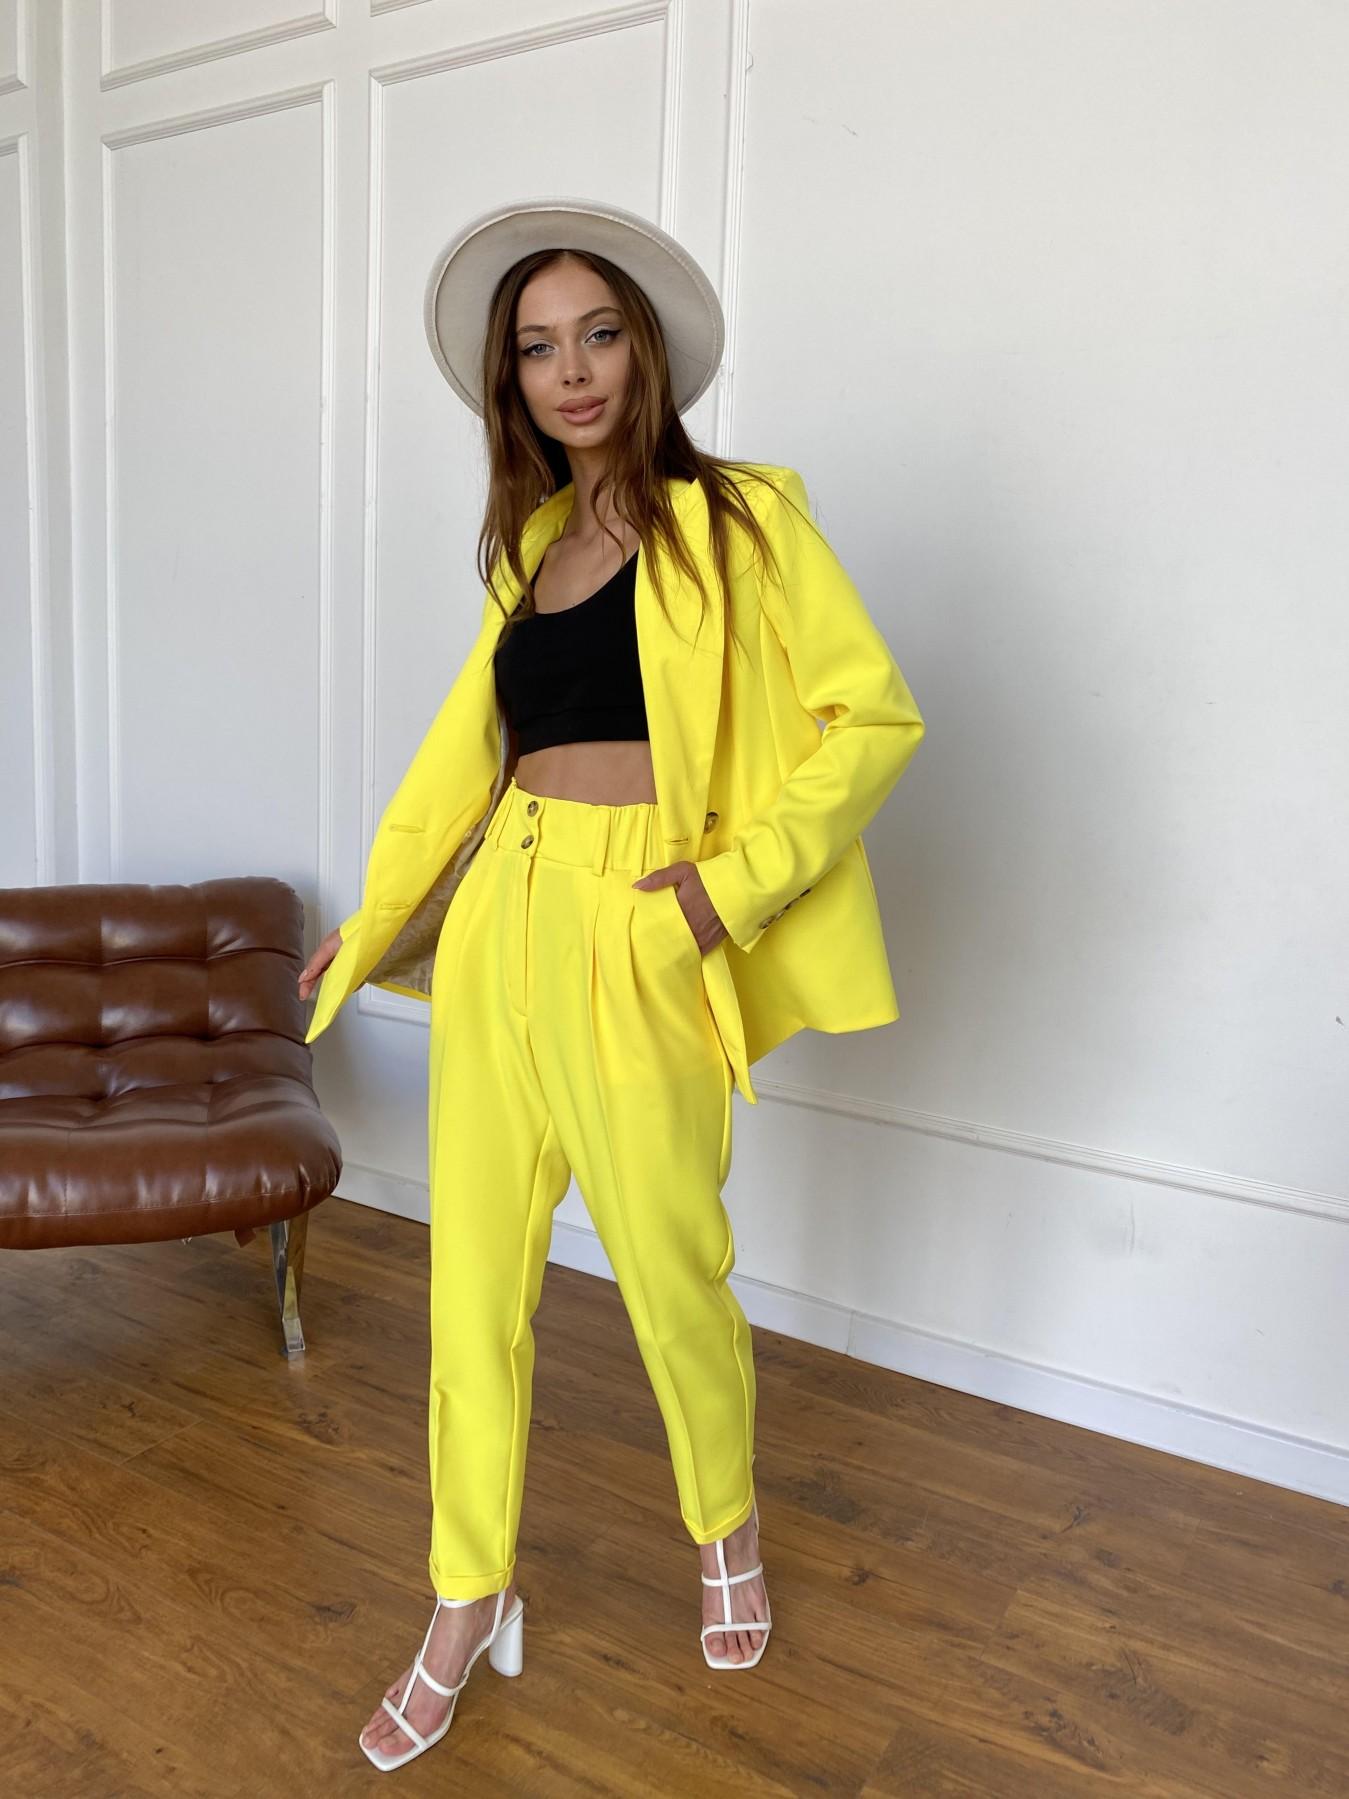 Франко костюм из костюмной ткани 11090 АРТ. 47907 Цвет: Желтый 10 - фото 3, интернет магазин tm-modus.ru